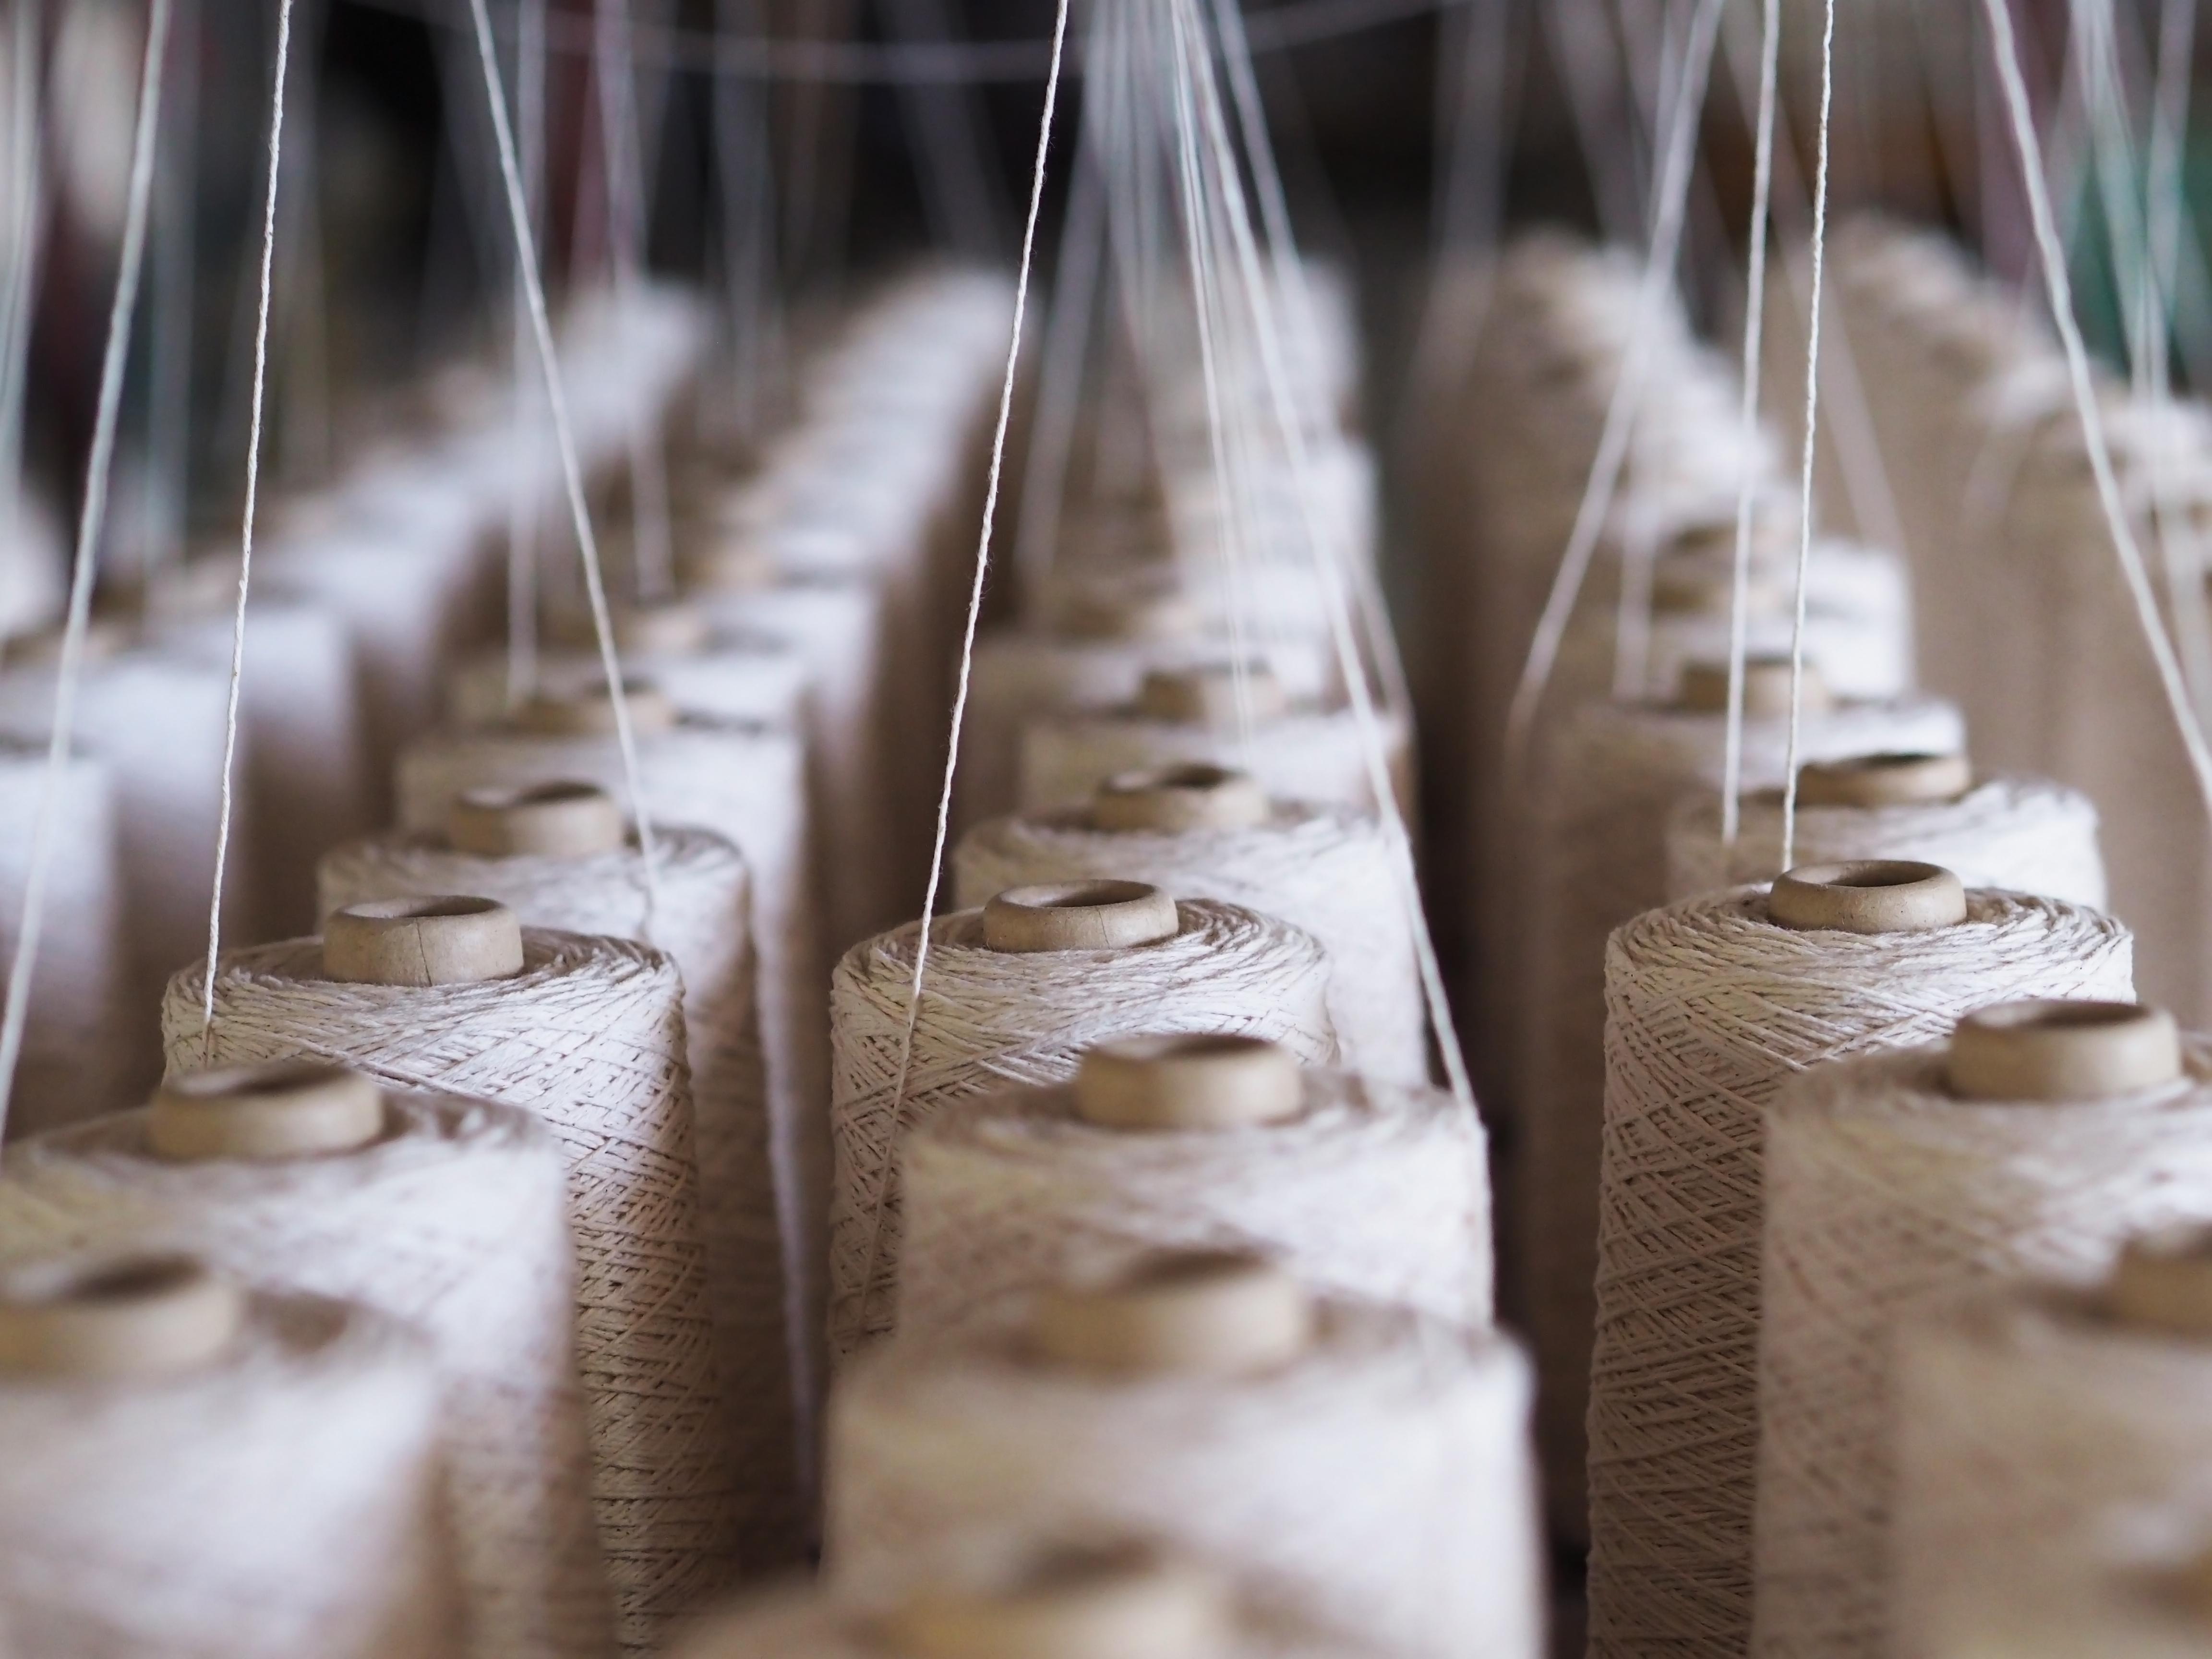 denim manufacturer arvind fashion for good